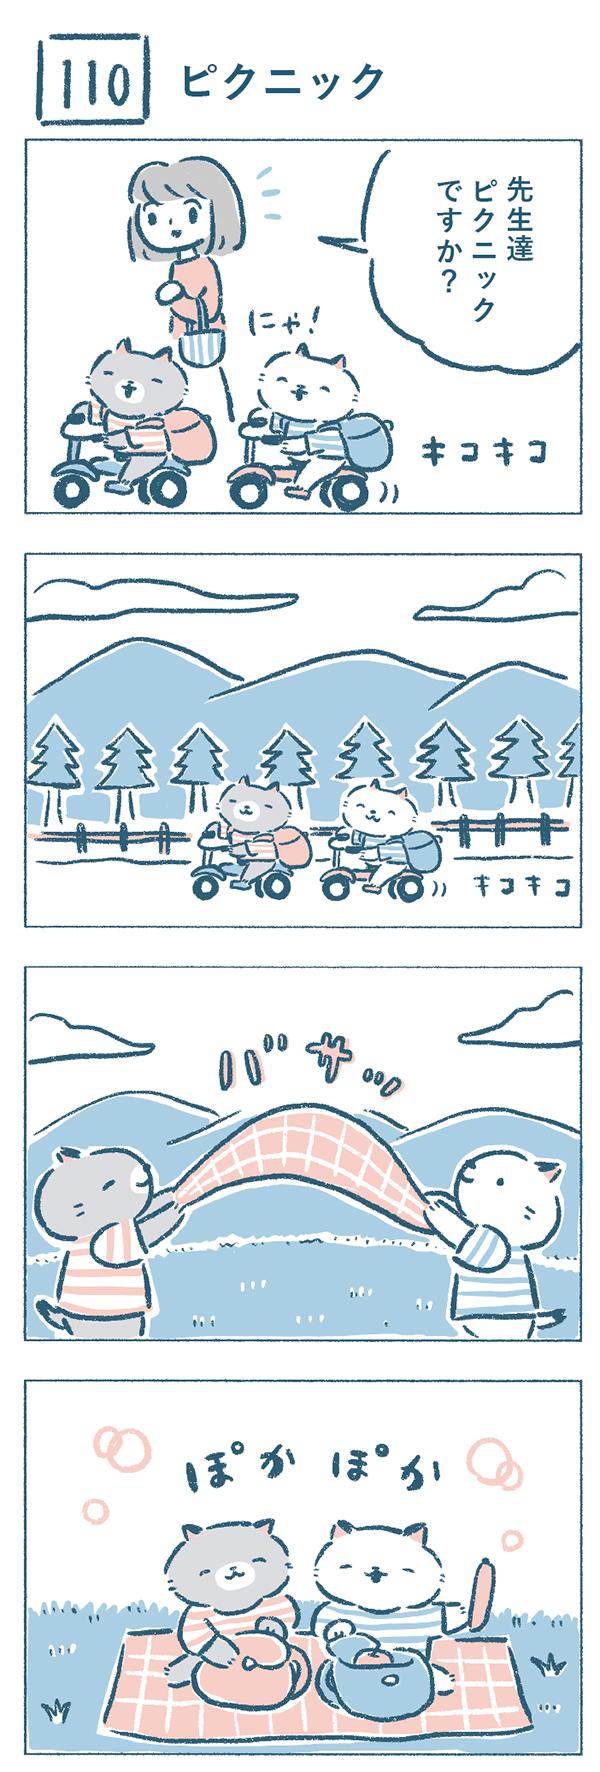 ある日。ねこやま先生たちは、自転車にのってピクニックに行きました。野原に到着すると、シートを広げてお弁当を開き始めました。